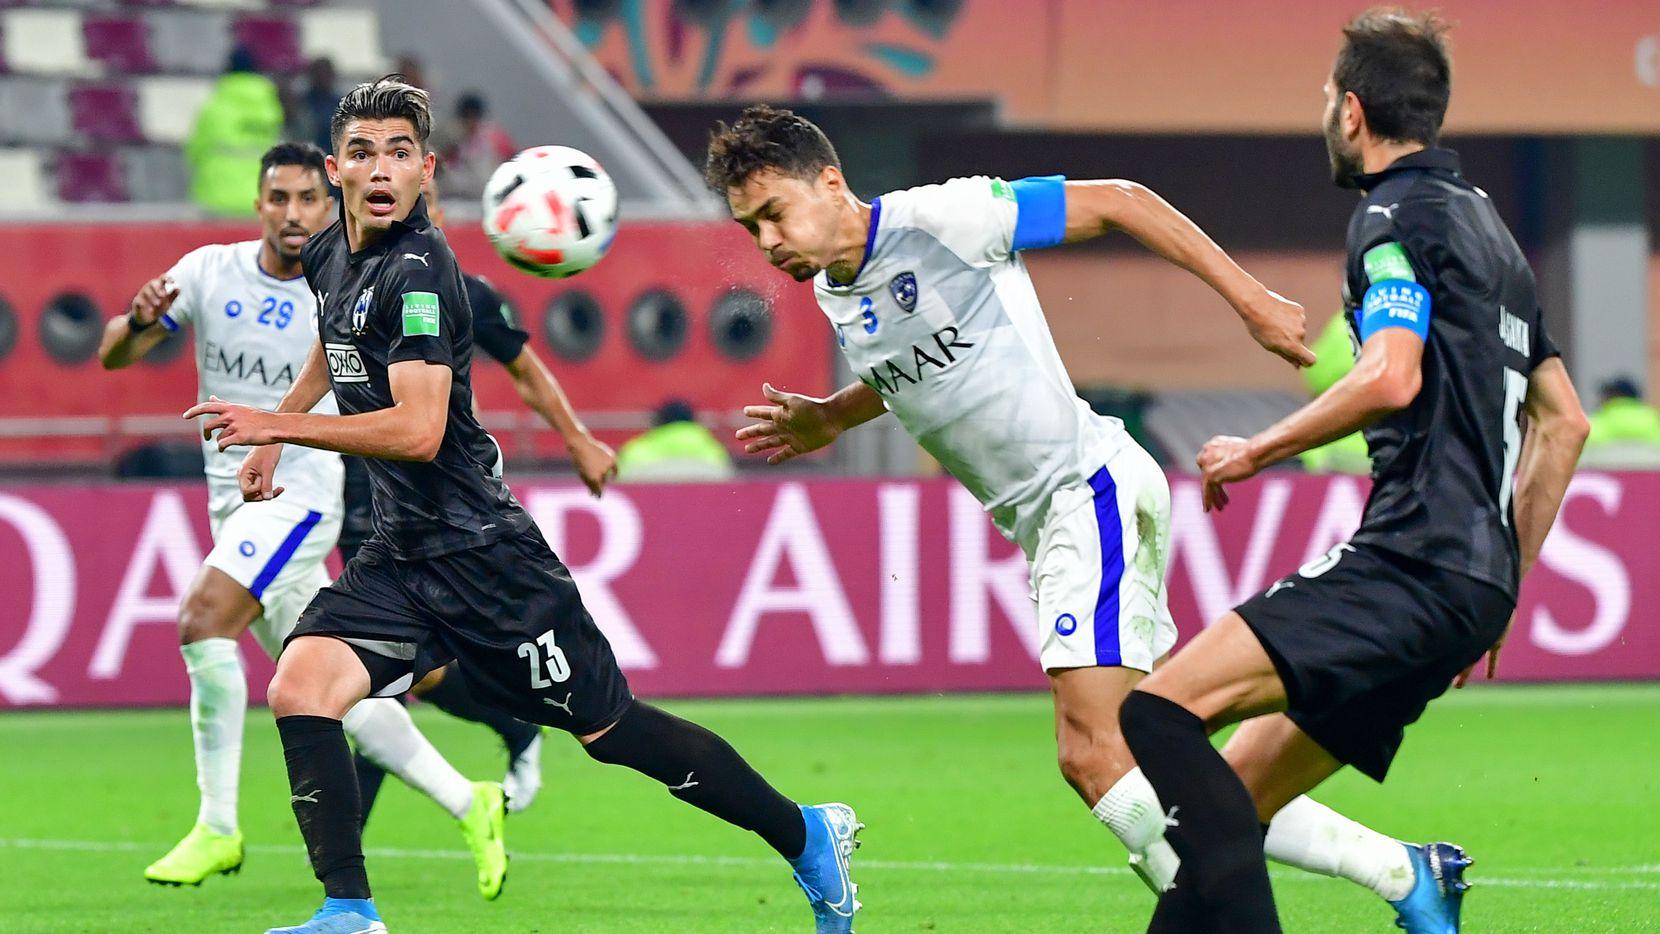 Carlos Eduardo (2do desde la der.) cabecea el balón para el Al-Hilal contra el Monterrey en el juego por el tercer puesto del 2019 FIFA Club World Cup.